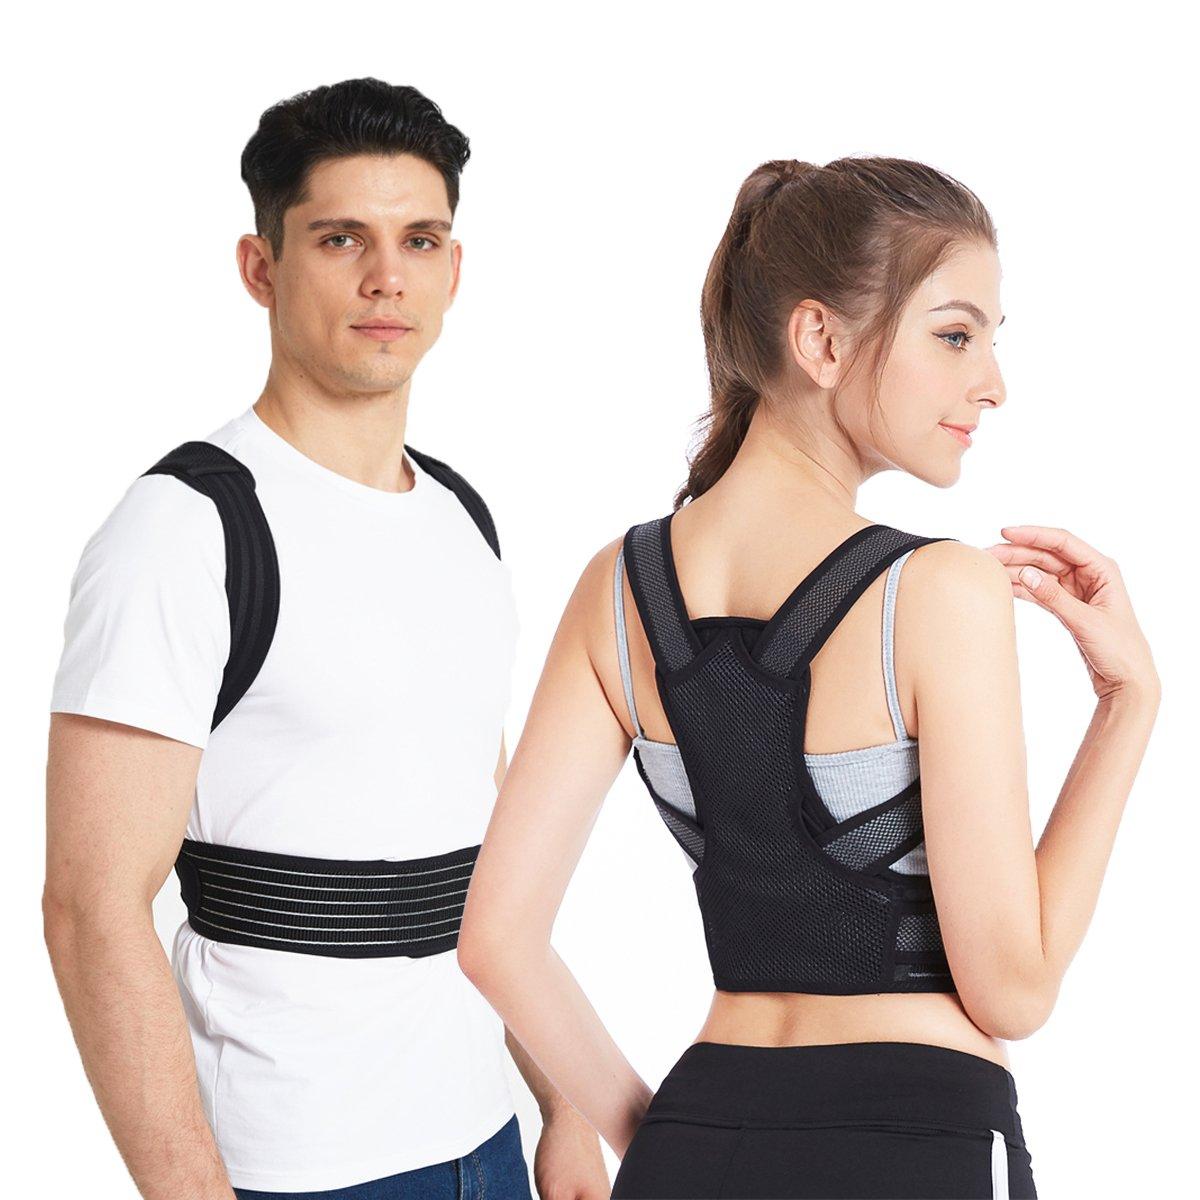 Posture Corrector, Slimerence, Scoliosis Humpback Correction Belt, Adjustable Comfort Invisible Belt, Back Humpback Kyphosis, for Man Woman Adult Students Children